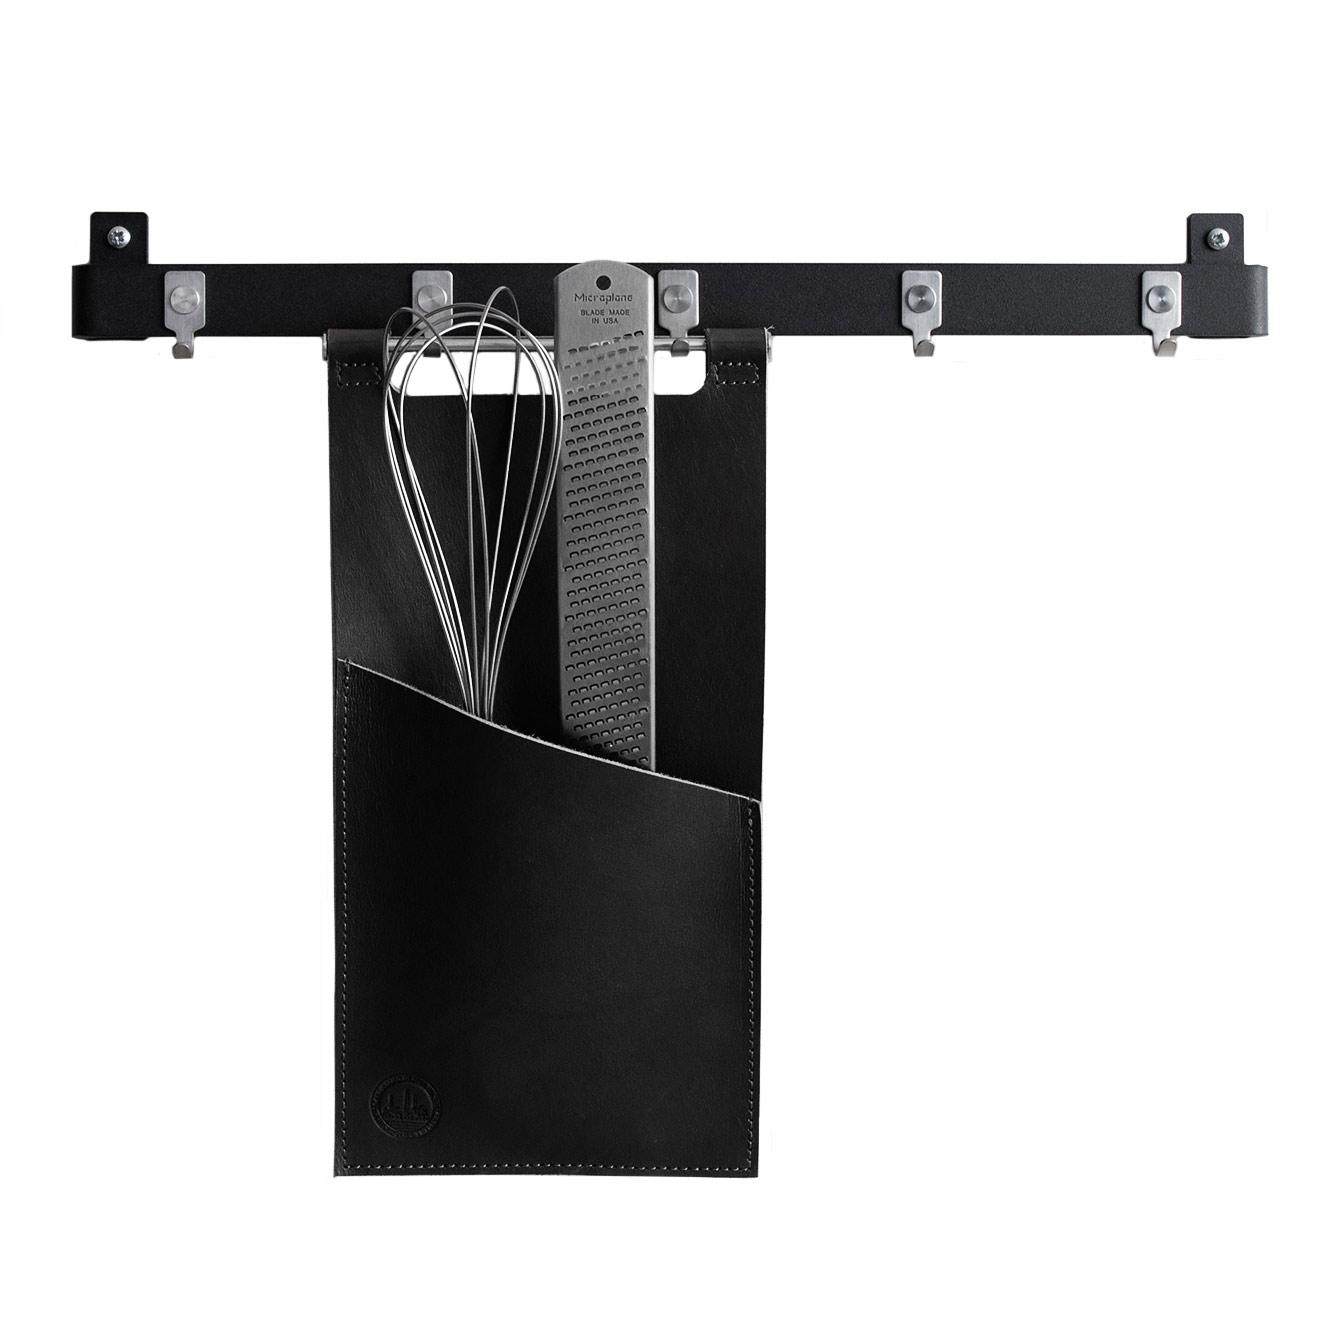 Image of Scandinavian Design Factory-Tasche für Küchenutensilien 30x15cm, Schwarz